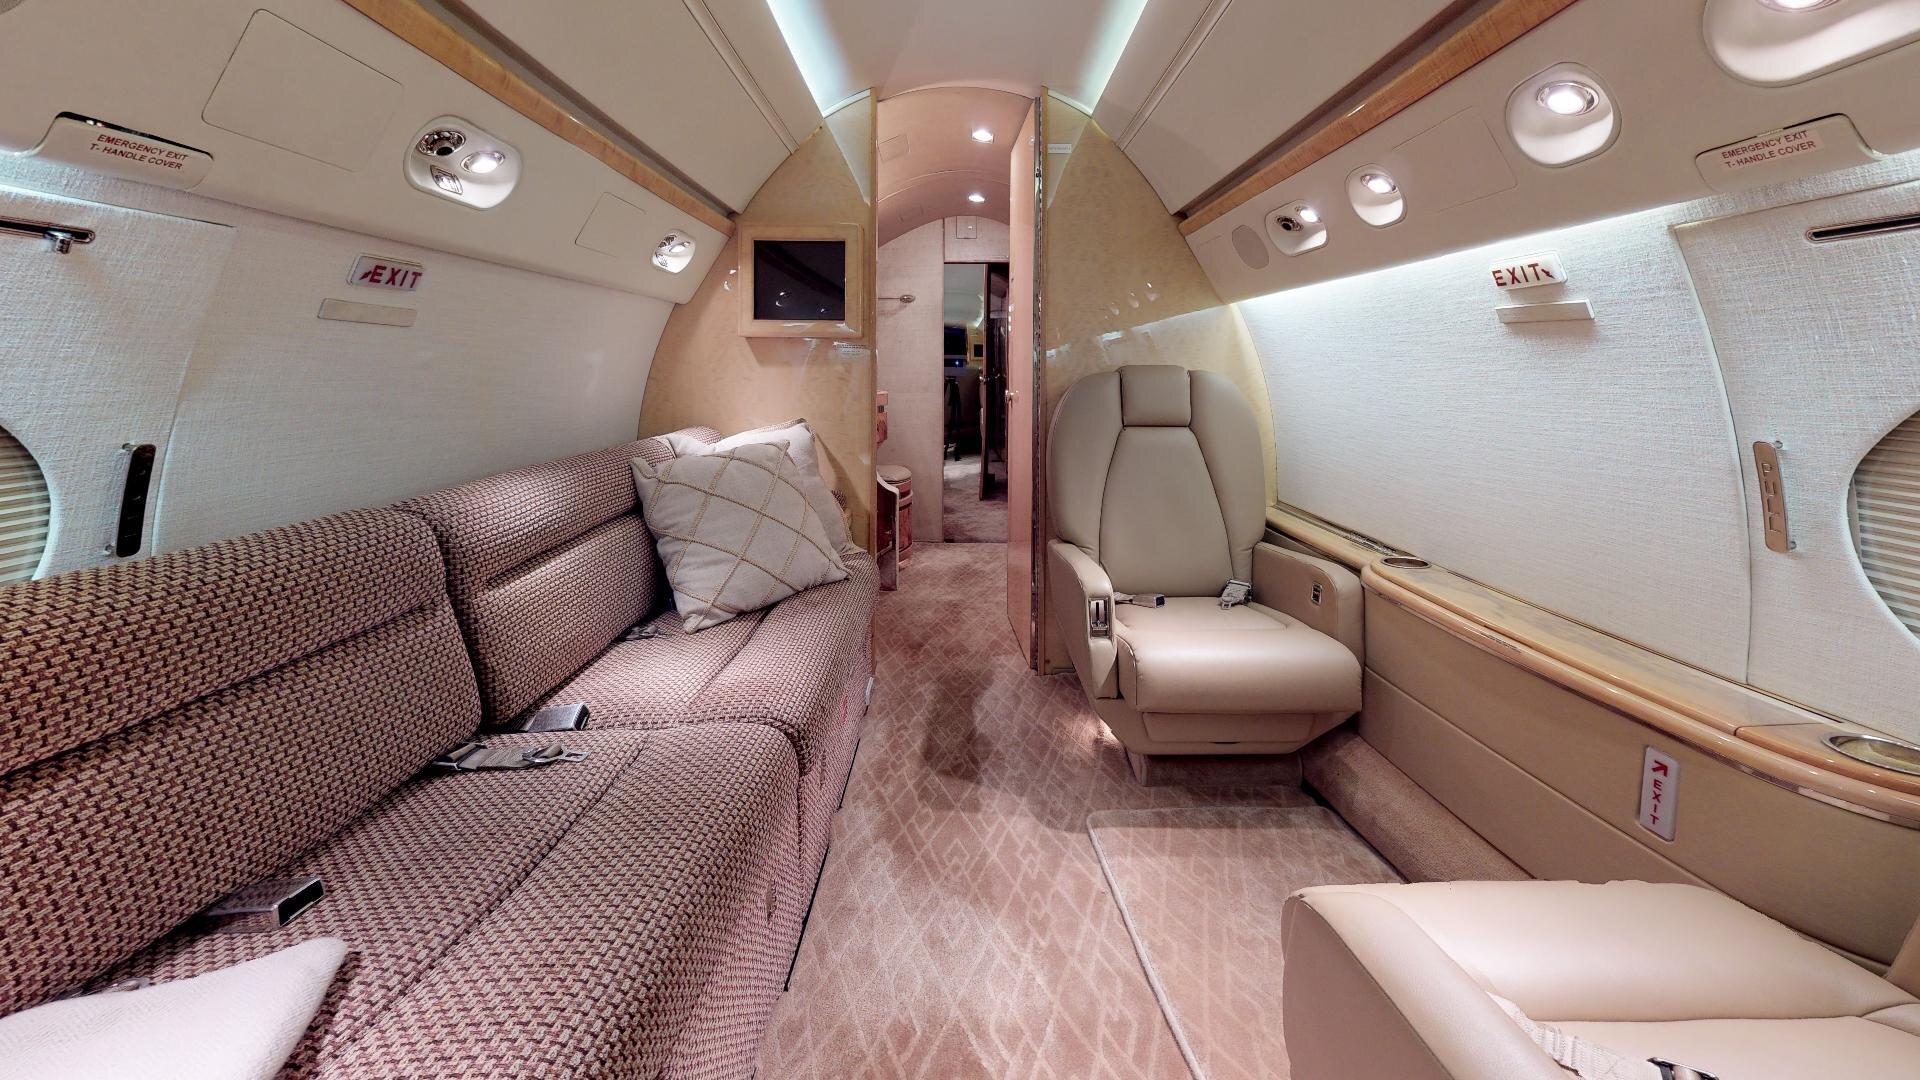 Gulfstream-V-SN-518-Photo-4.jpg